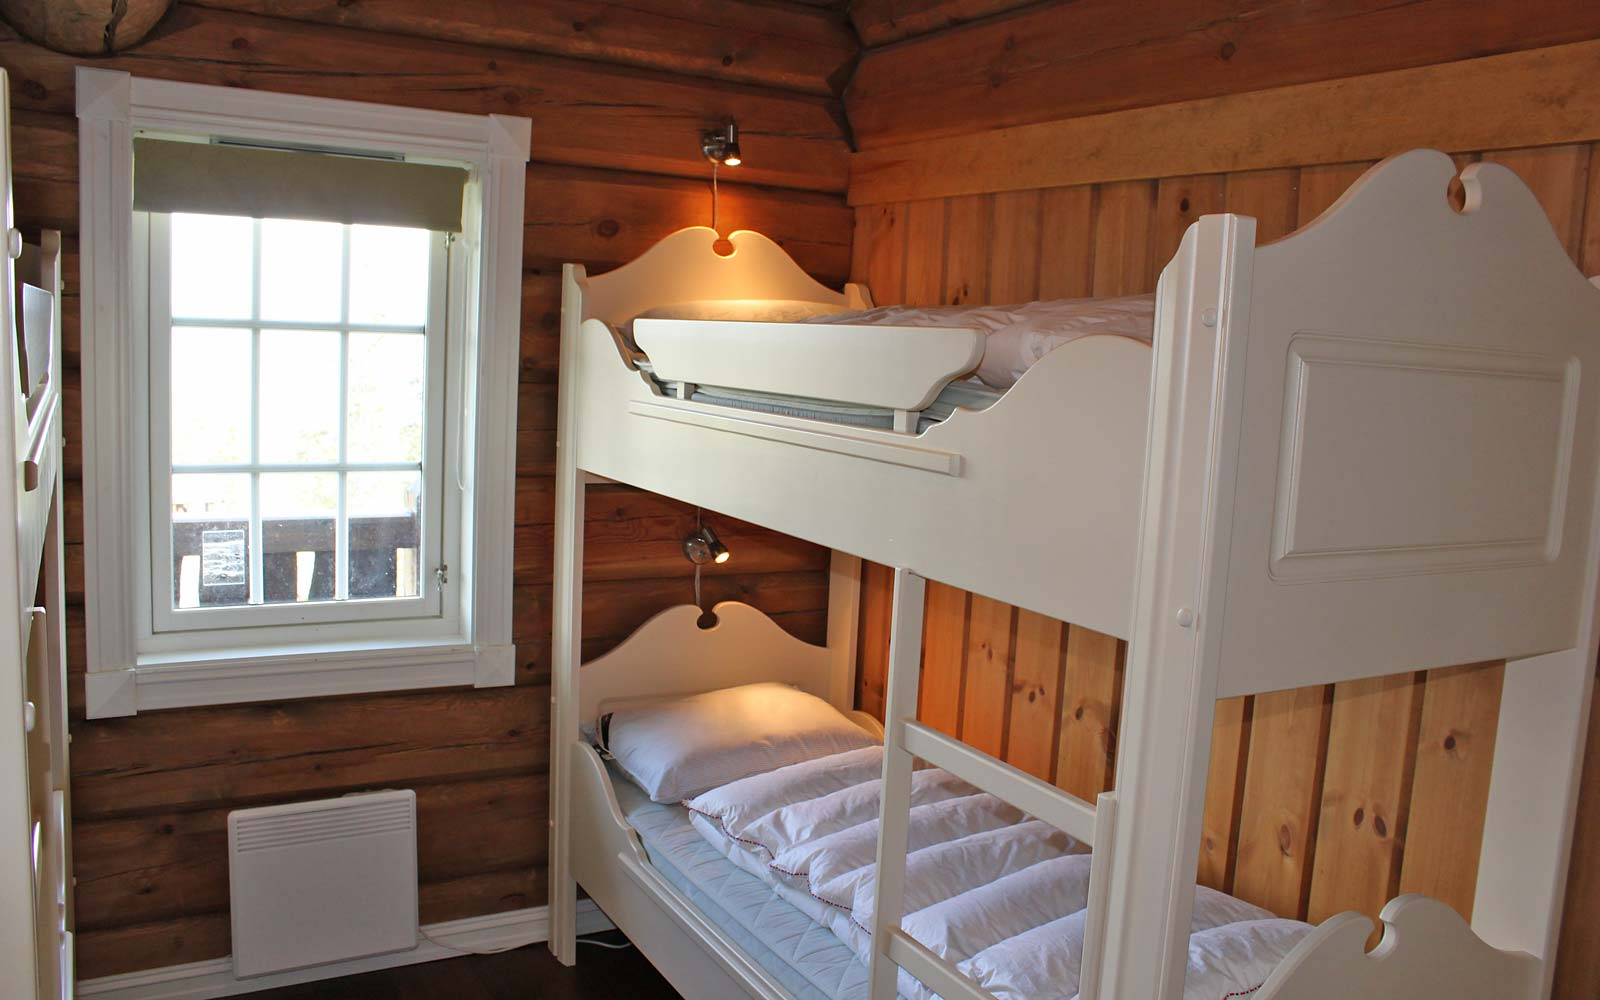 Soverom hytte 829 - Sjumilskogen booking Trysil